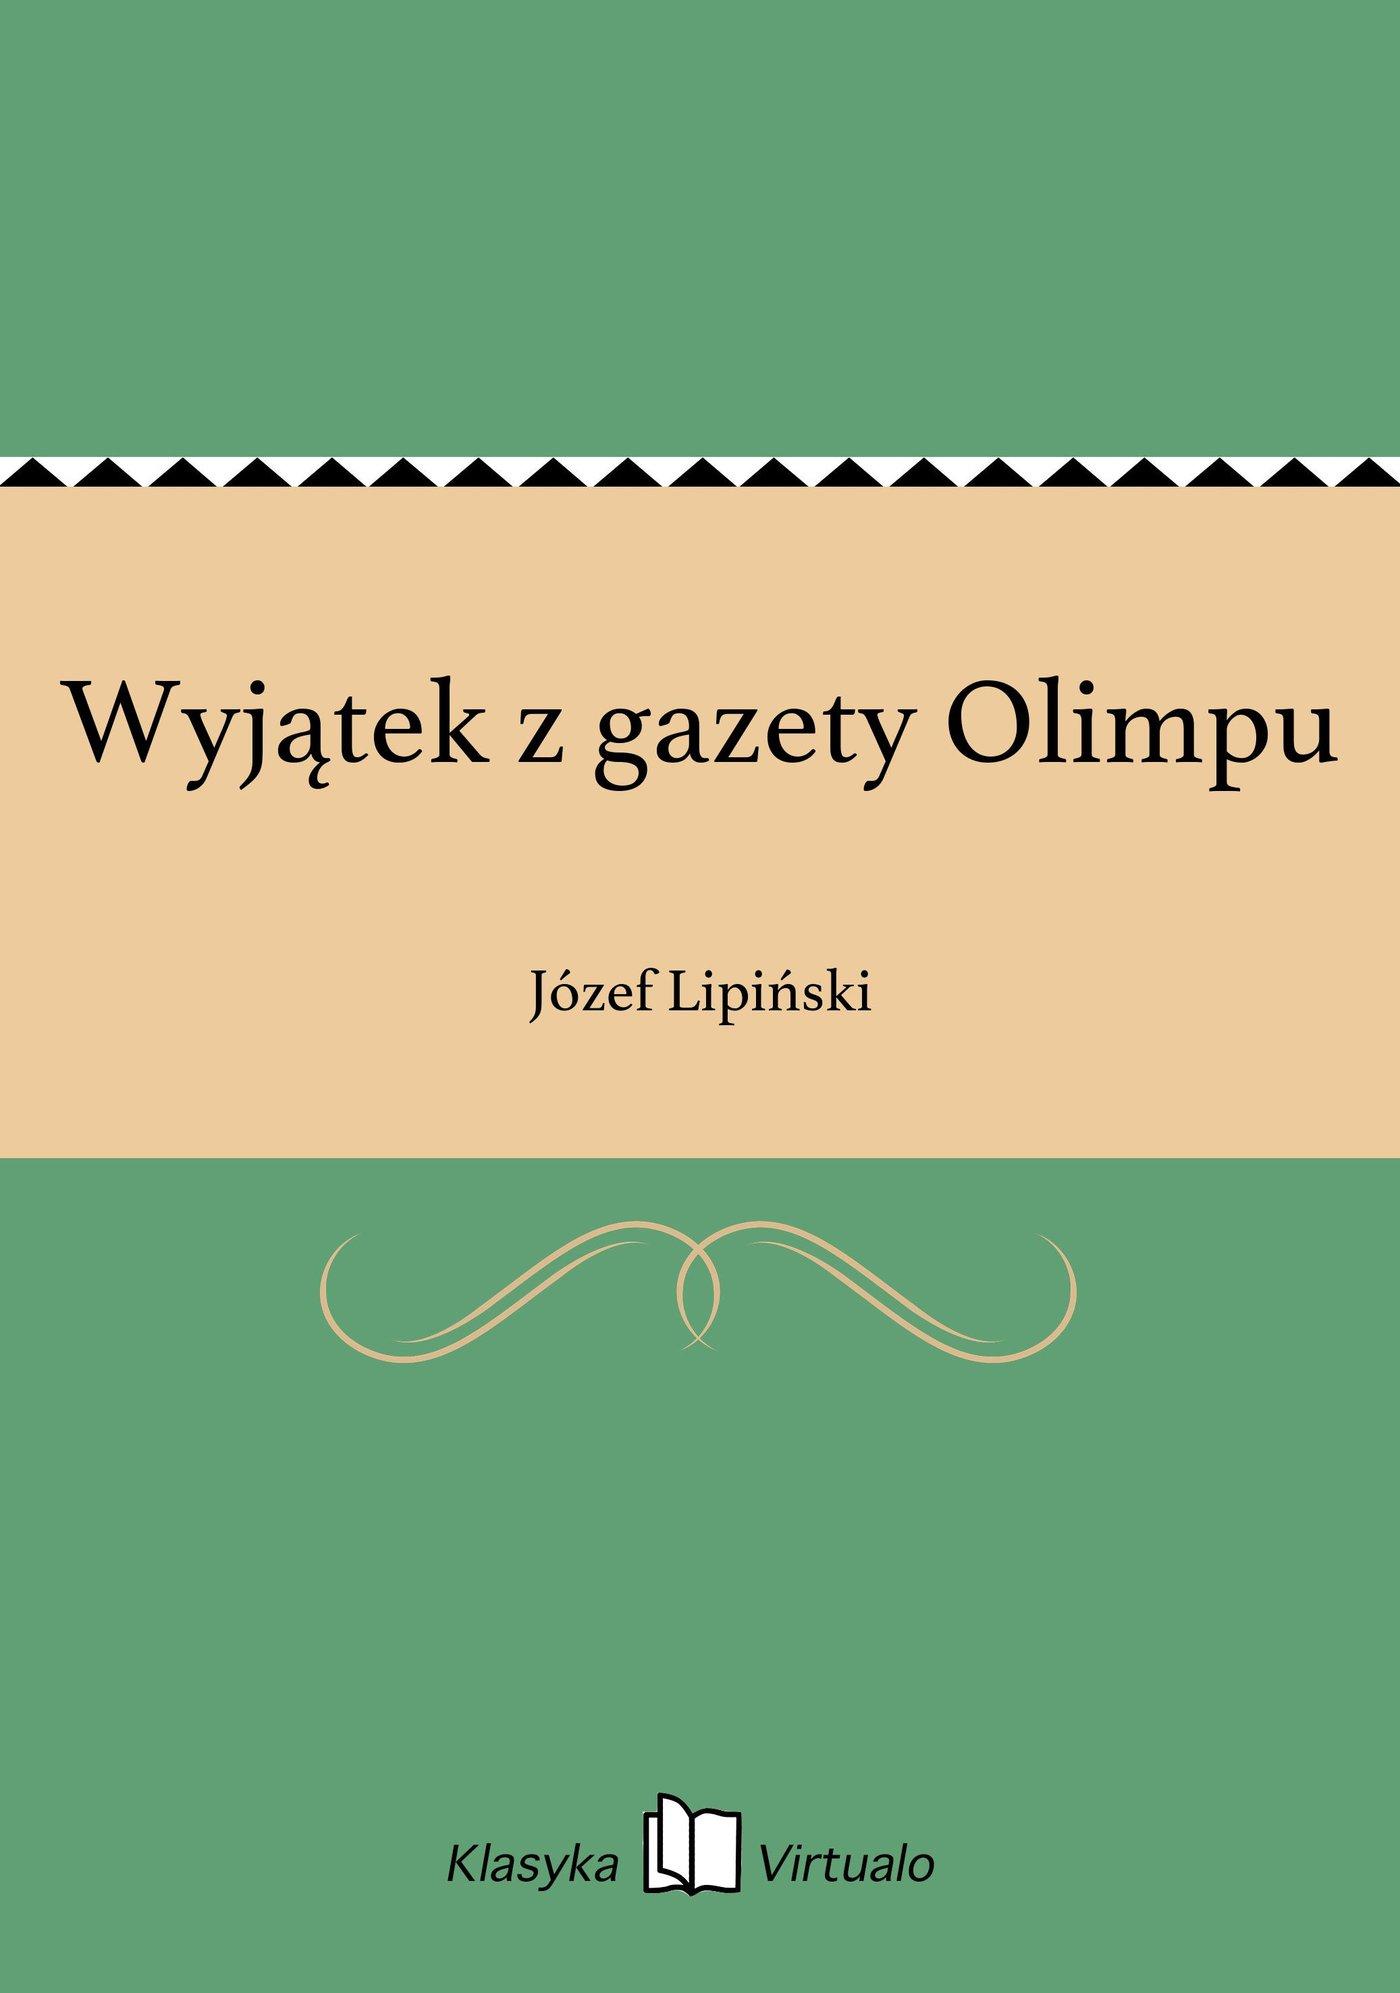 Wyjątek z gazety Olimpu - Ebook (Książka EPUB) do pobrania w formacie EPUB